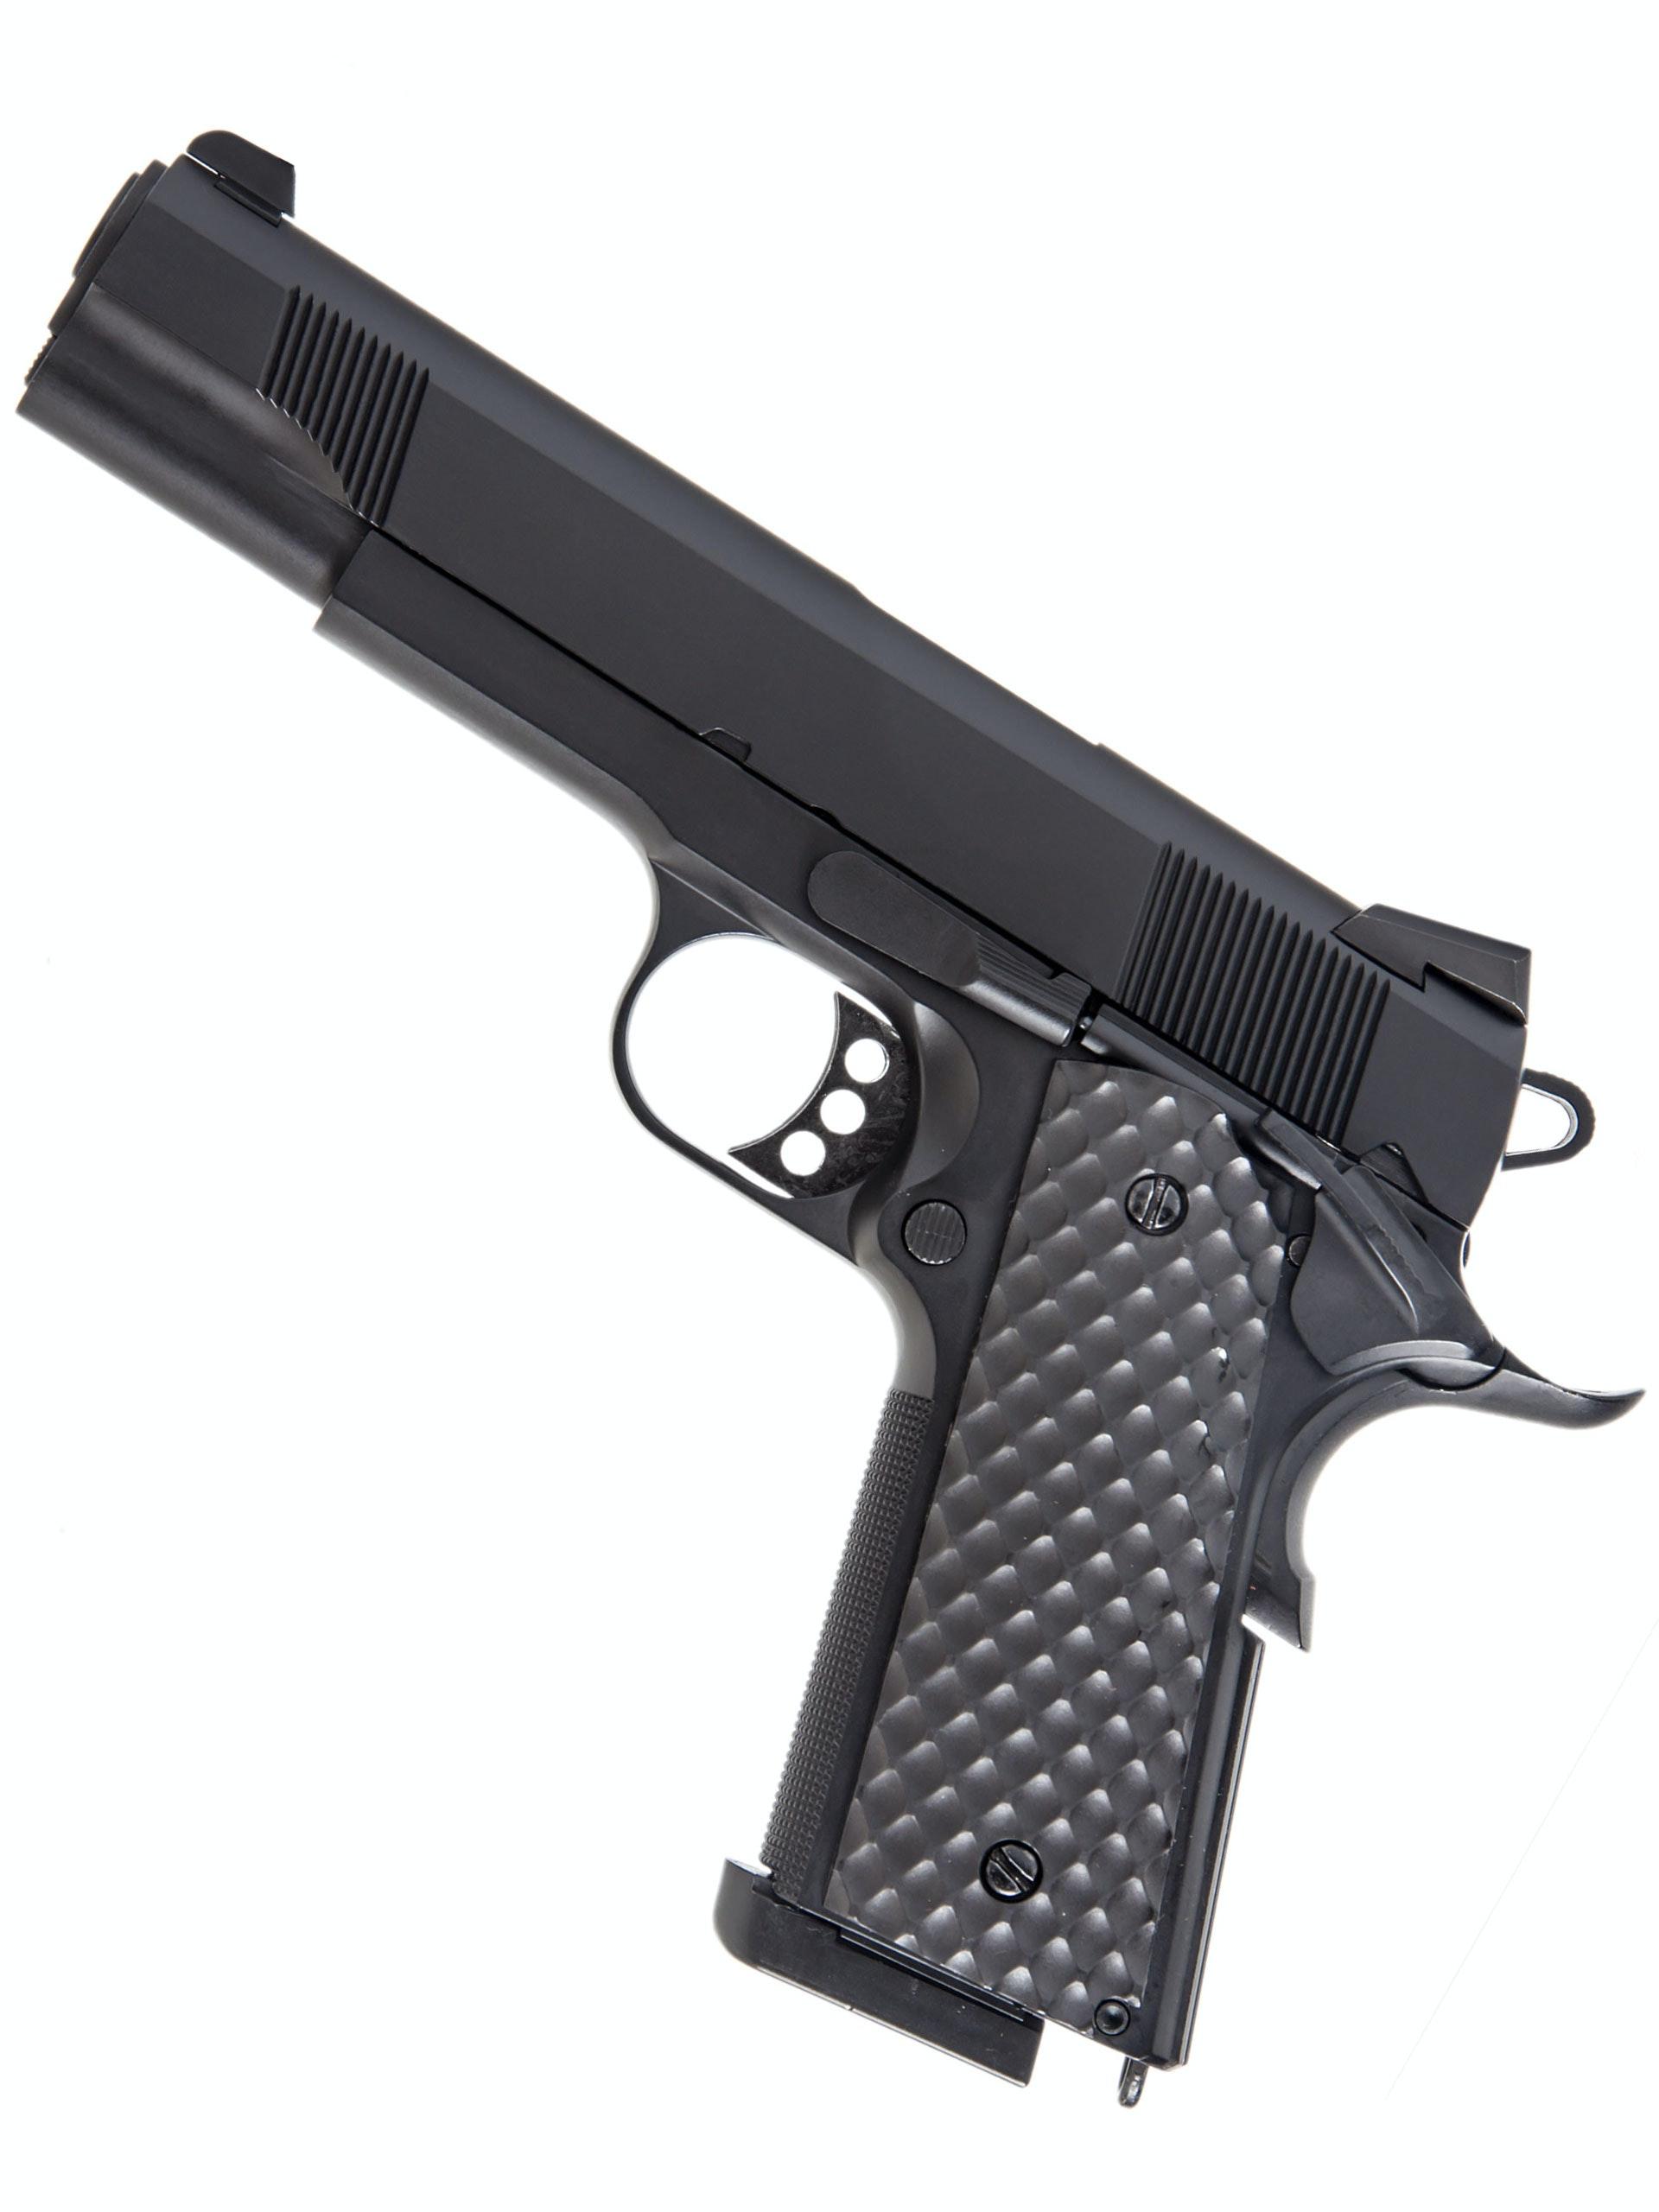 RAVEN MEU Series 1911 Gas Blowback Pistol